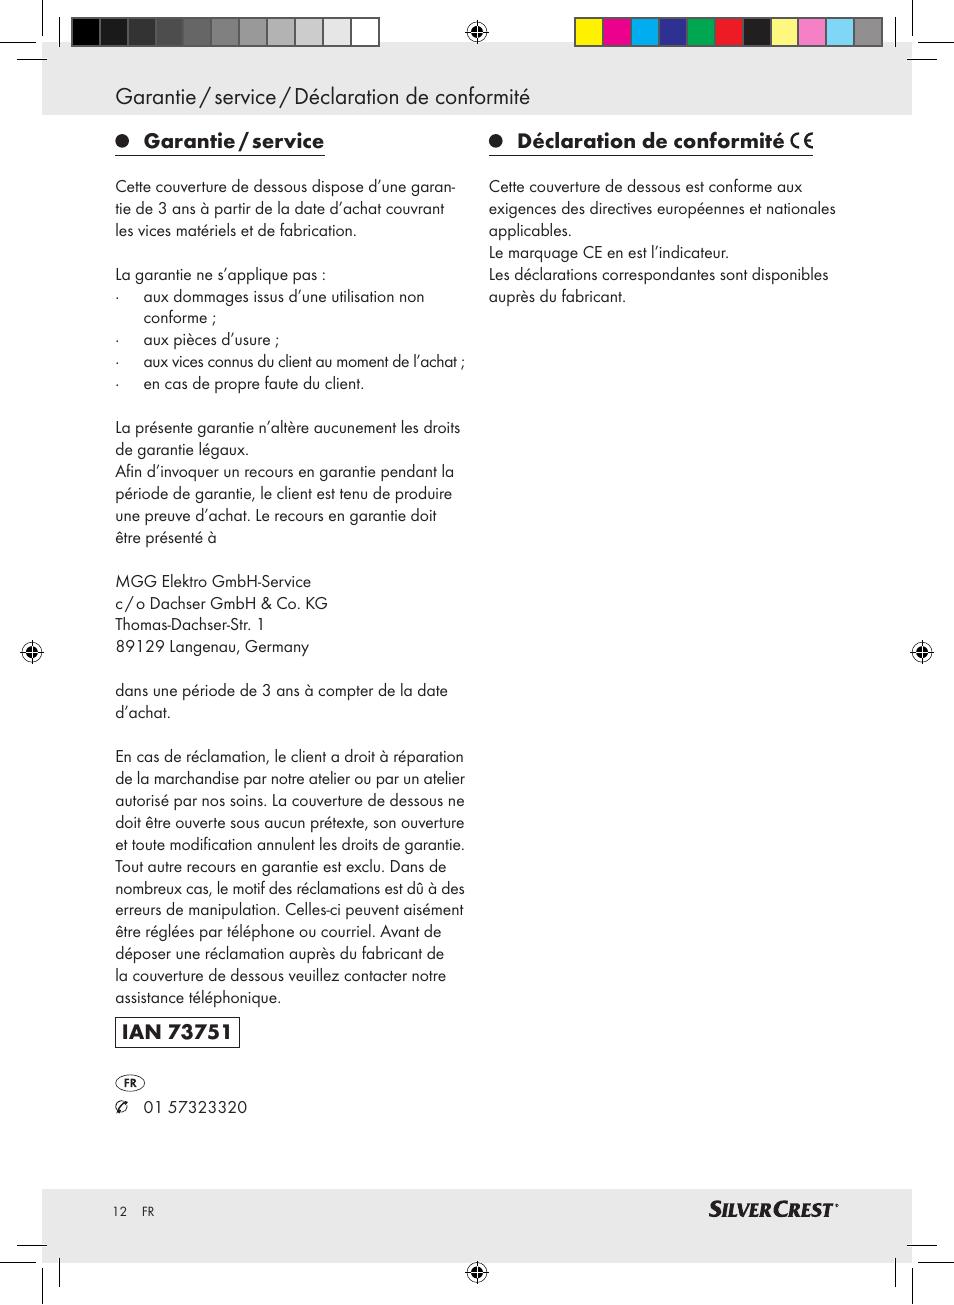 Garantie / service / déclaration de conformité | Silvercrest SWUB 85 A2  User Manual | Page